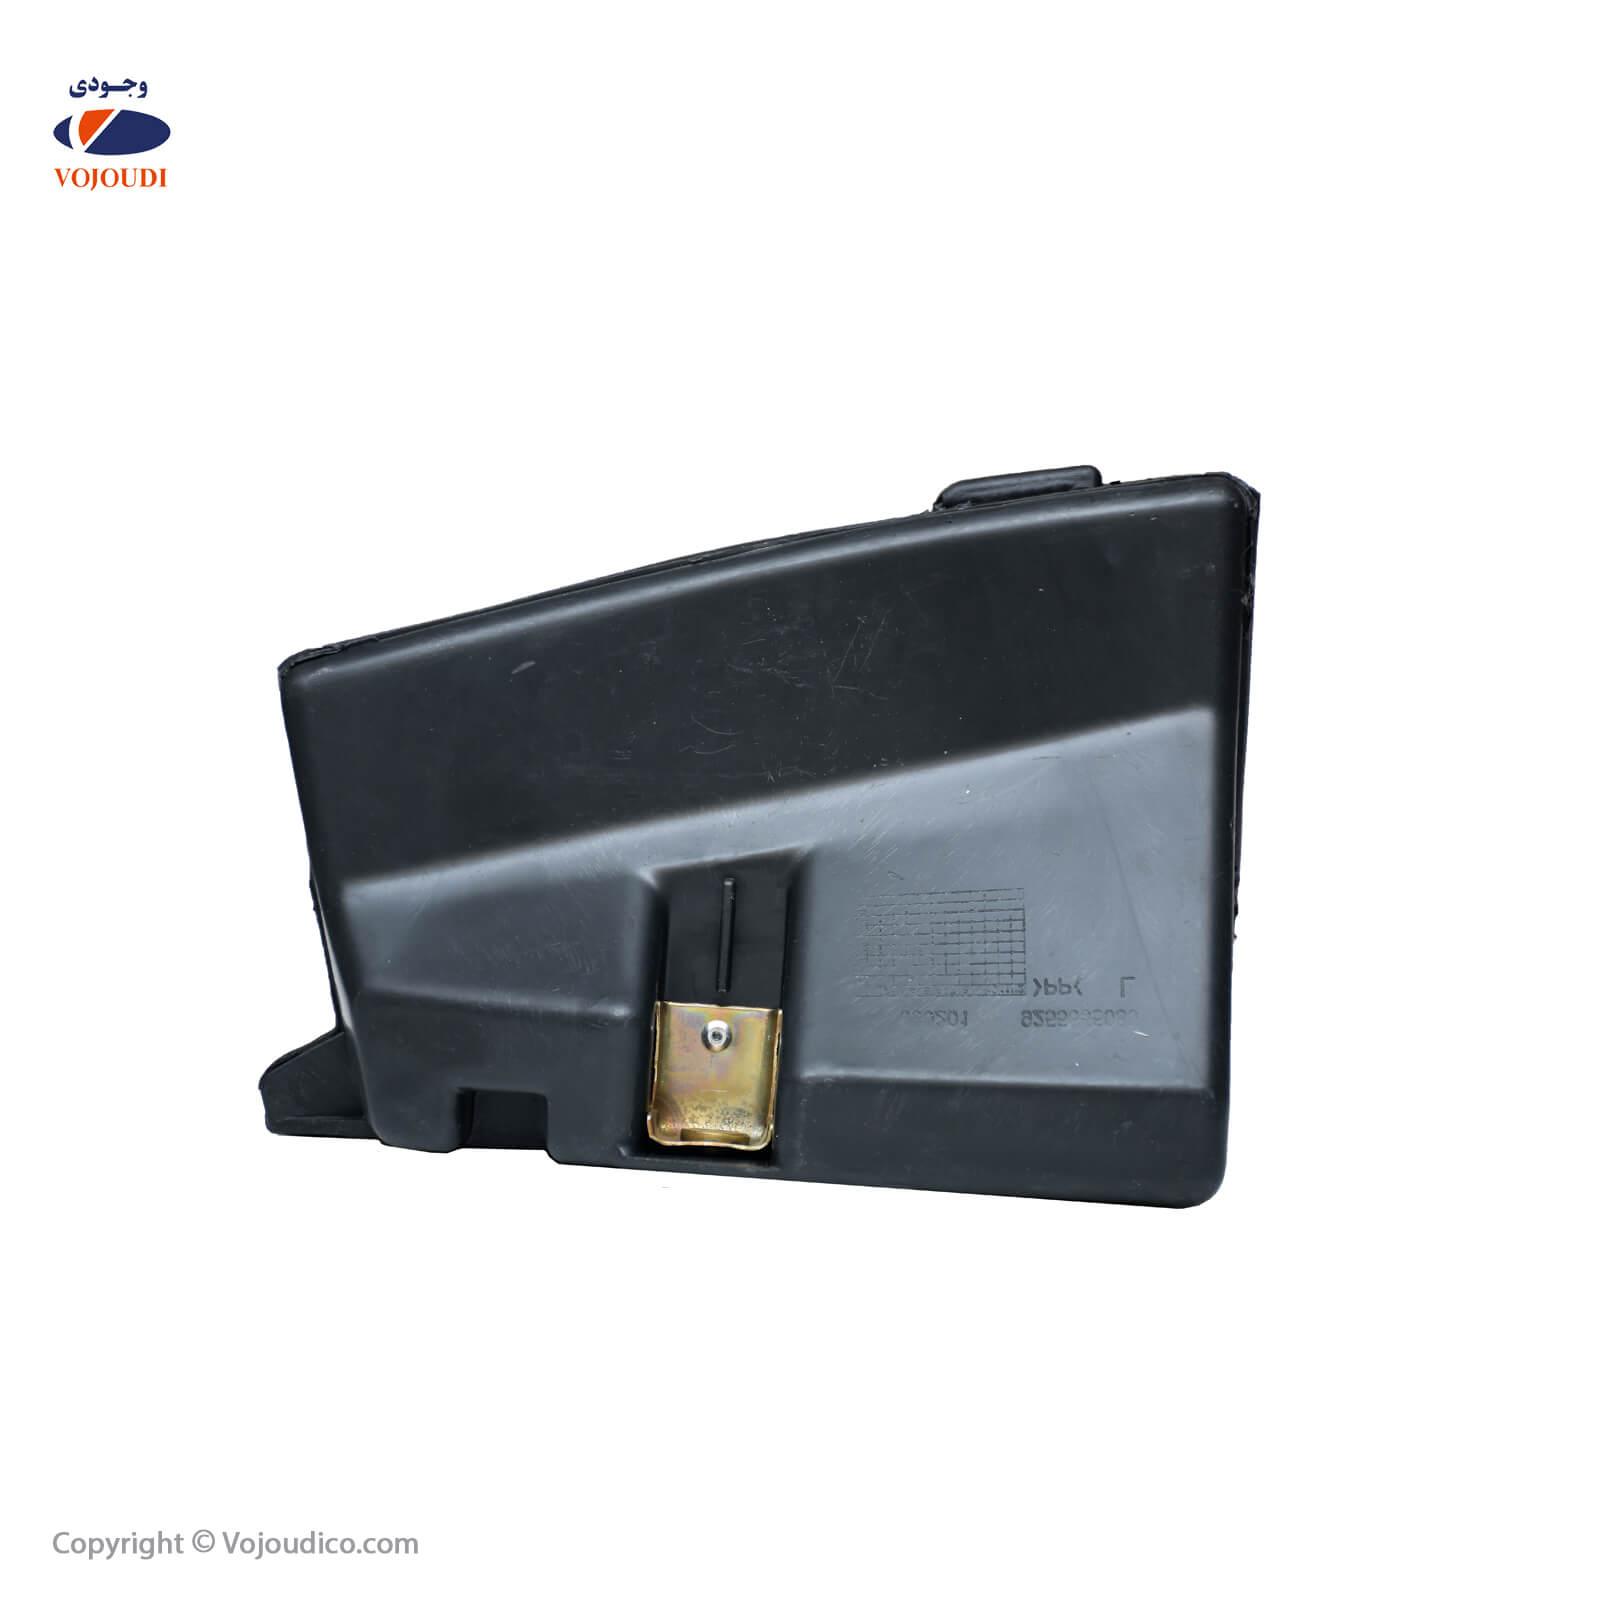 3151 1 - دياق پلاستیکی زير سپر سمت راست وجودی کد 3151 مناسب برای 405 ، تعداد بسته : 20 عدد